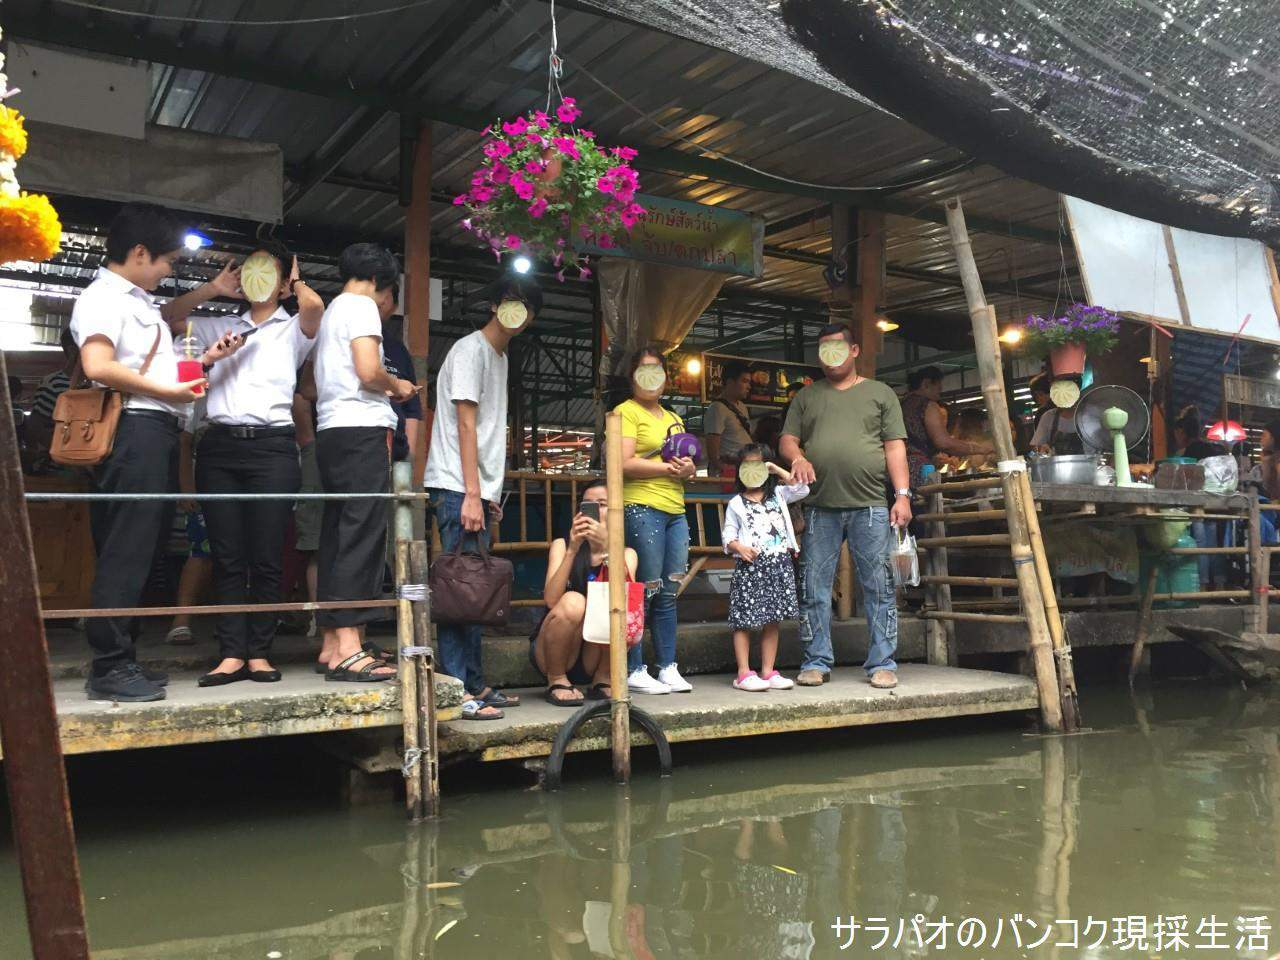 KhlongLatMaYomFloatingMarket_33.jpg